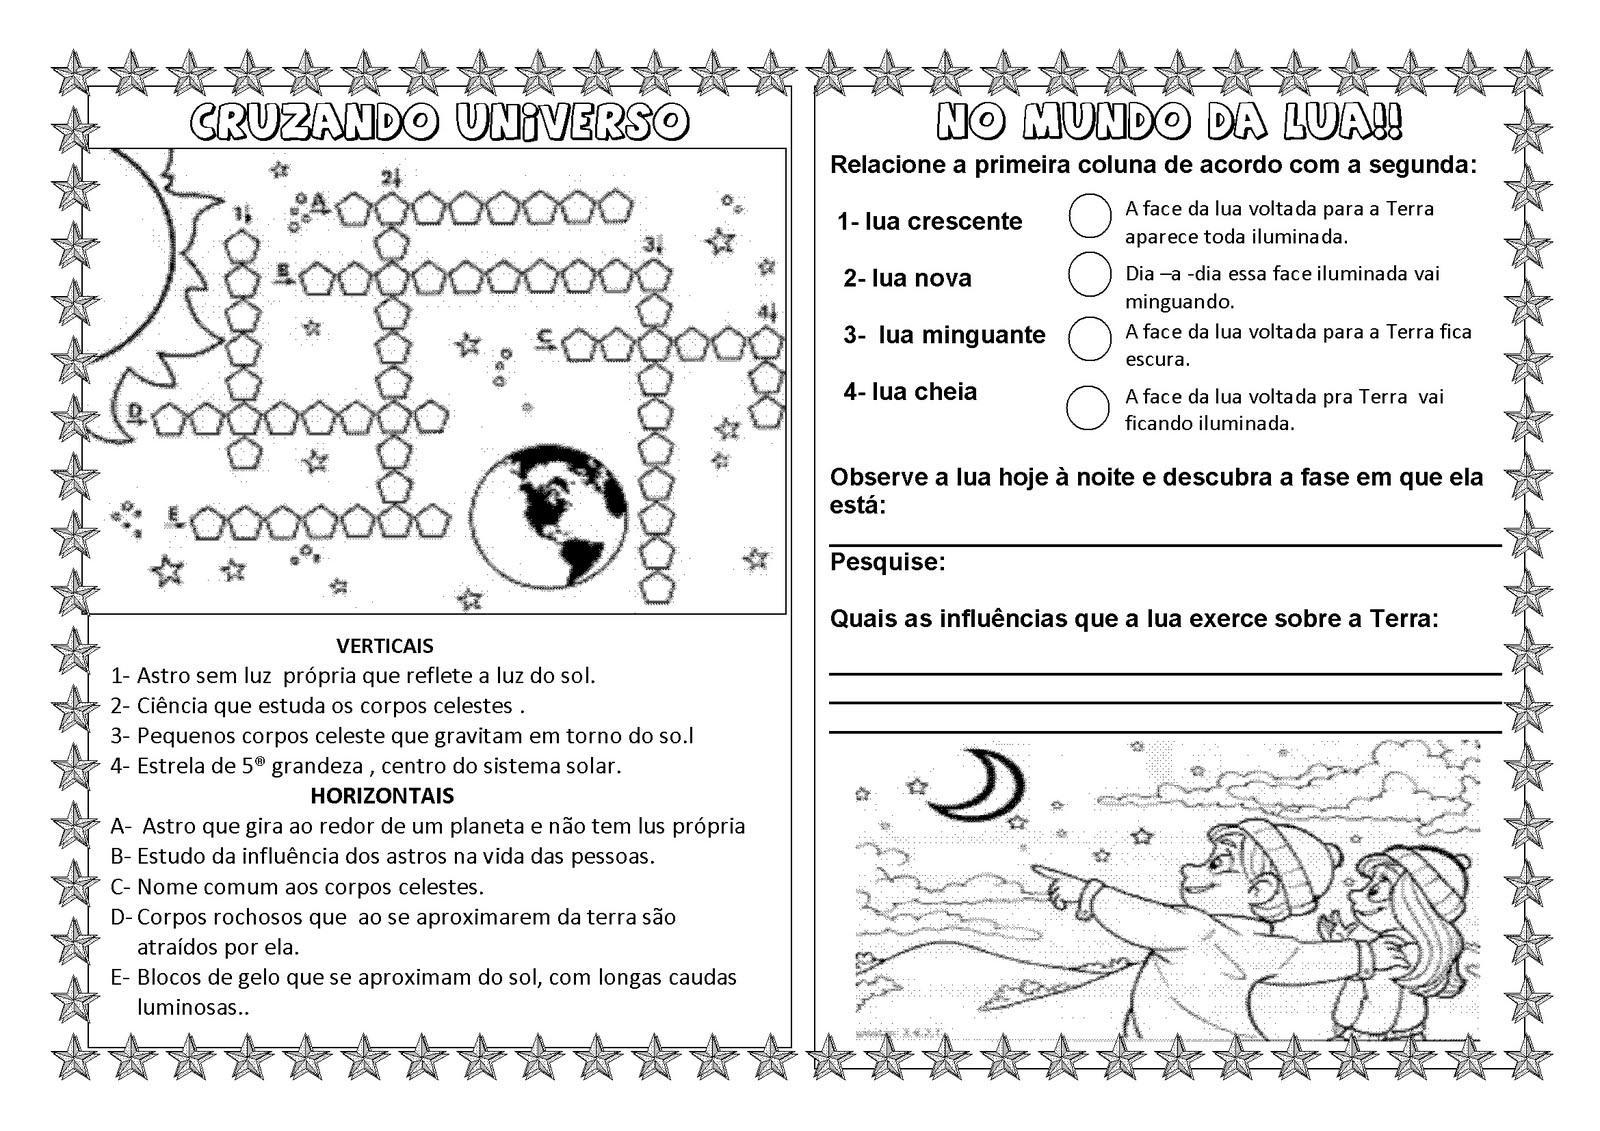 Suficiente TEIA DA VIDA - CONHECER PARA PRESERVAR!: SISTEMA SOLAR WI21